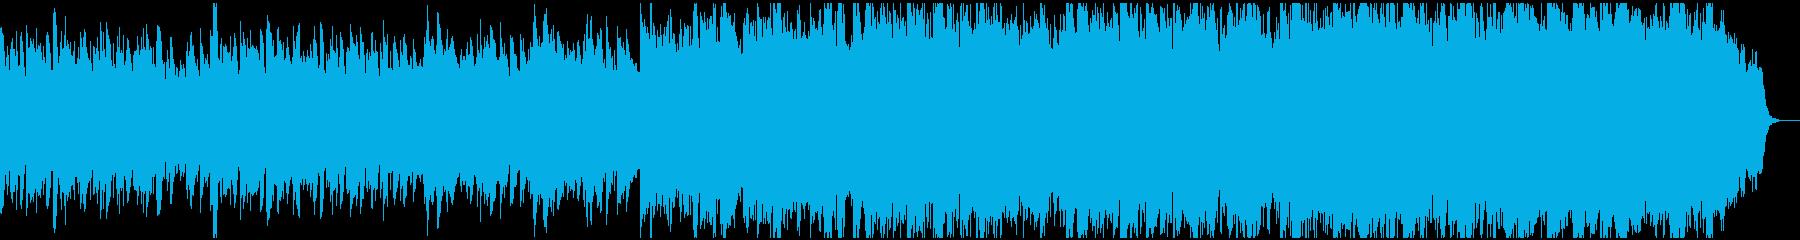 室内楽 クラシック交響曲 あたたか...の再生済みの波形